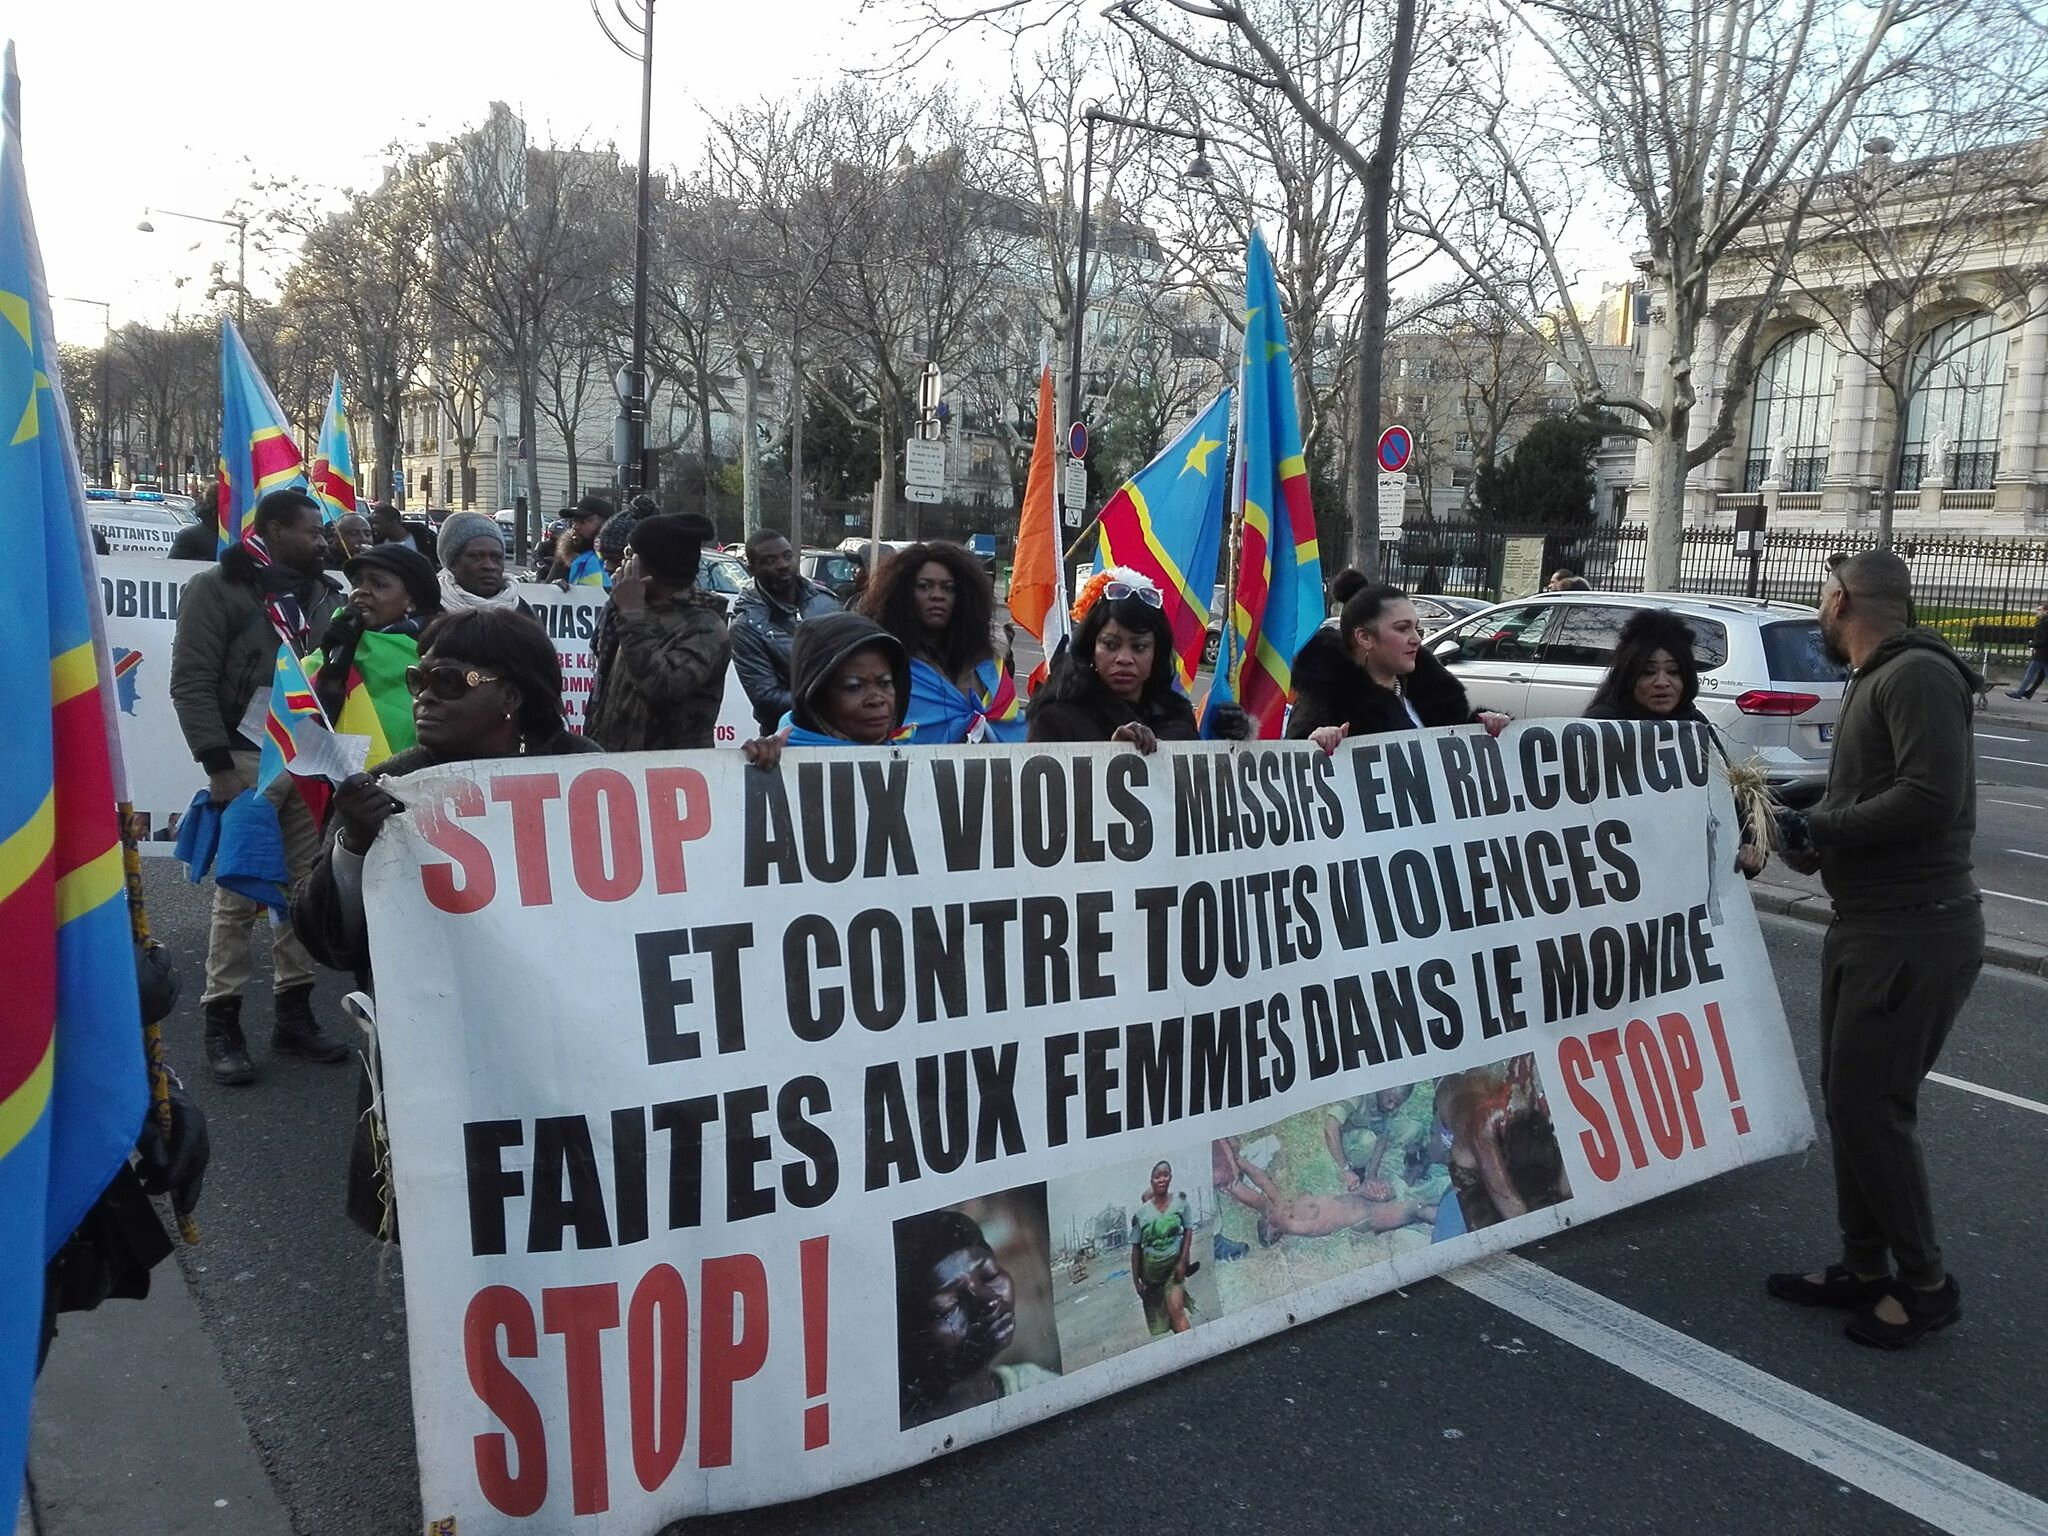 LES PANAFRICANISTES DE LA DIASPORA MANIFESTENT CONTRE LES PILLAGES DES RICHESSES DE L'AFRIQUE.